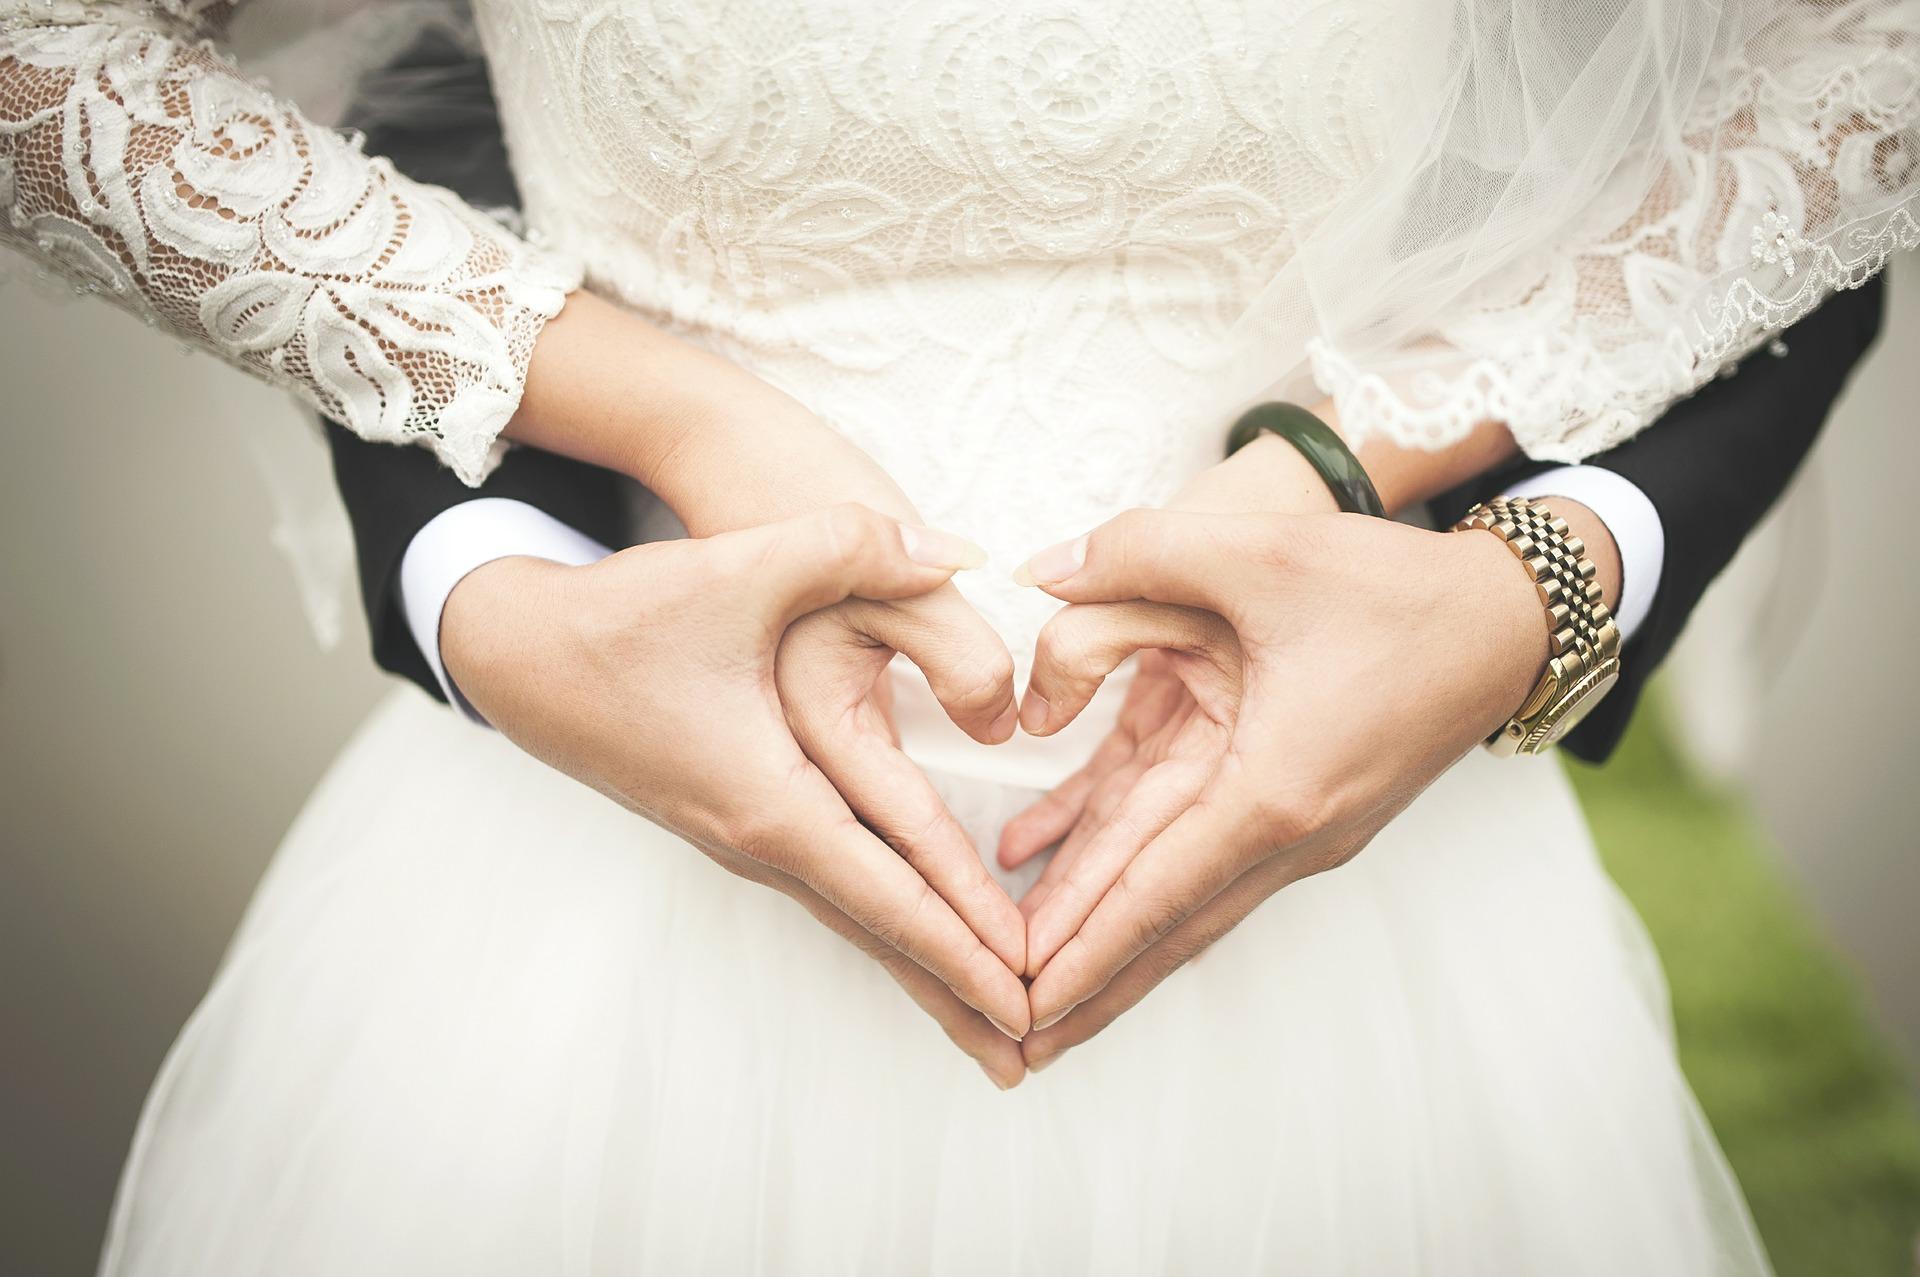 El nuevo matrimonio de la ex esposa no extingue el abono de la pensión compensatoria pues se acordó mantenerla aunque variase su «situación civil»